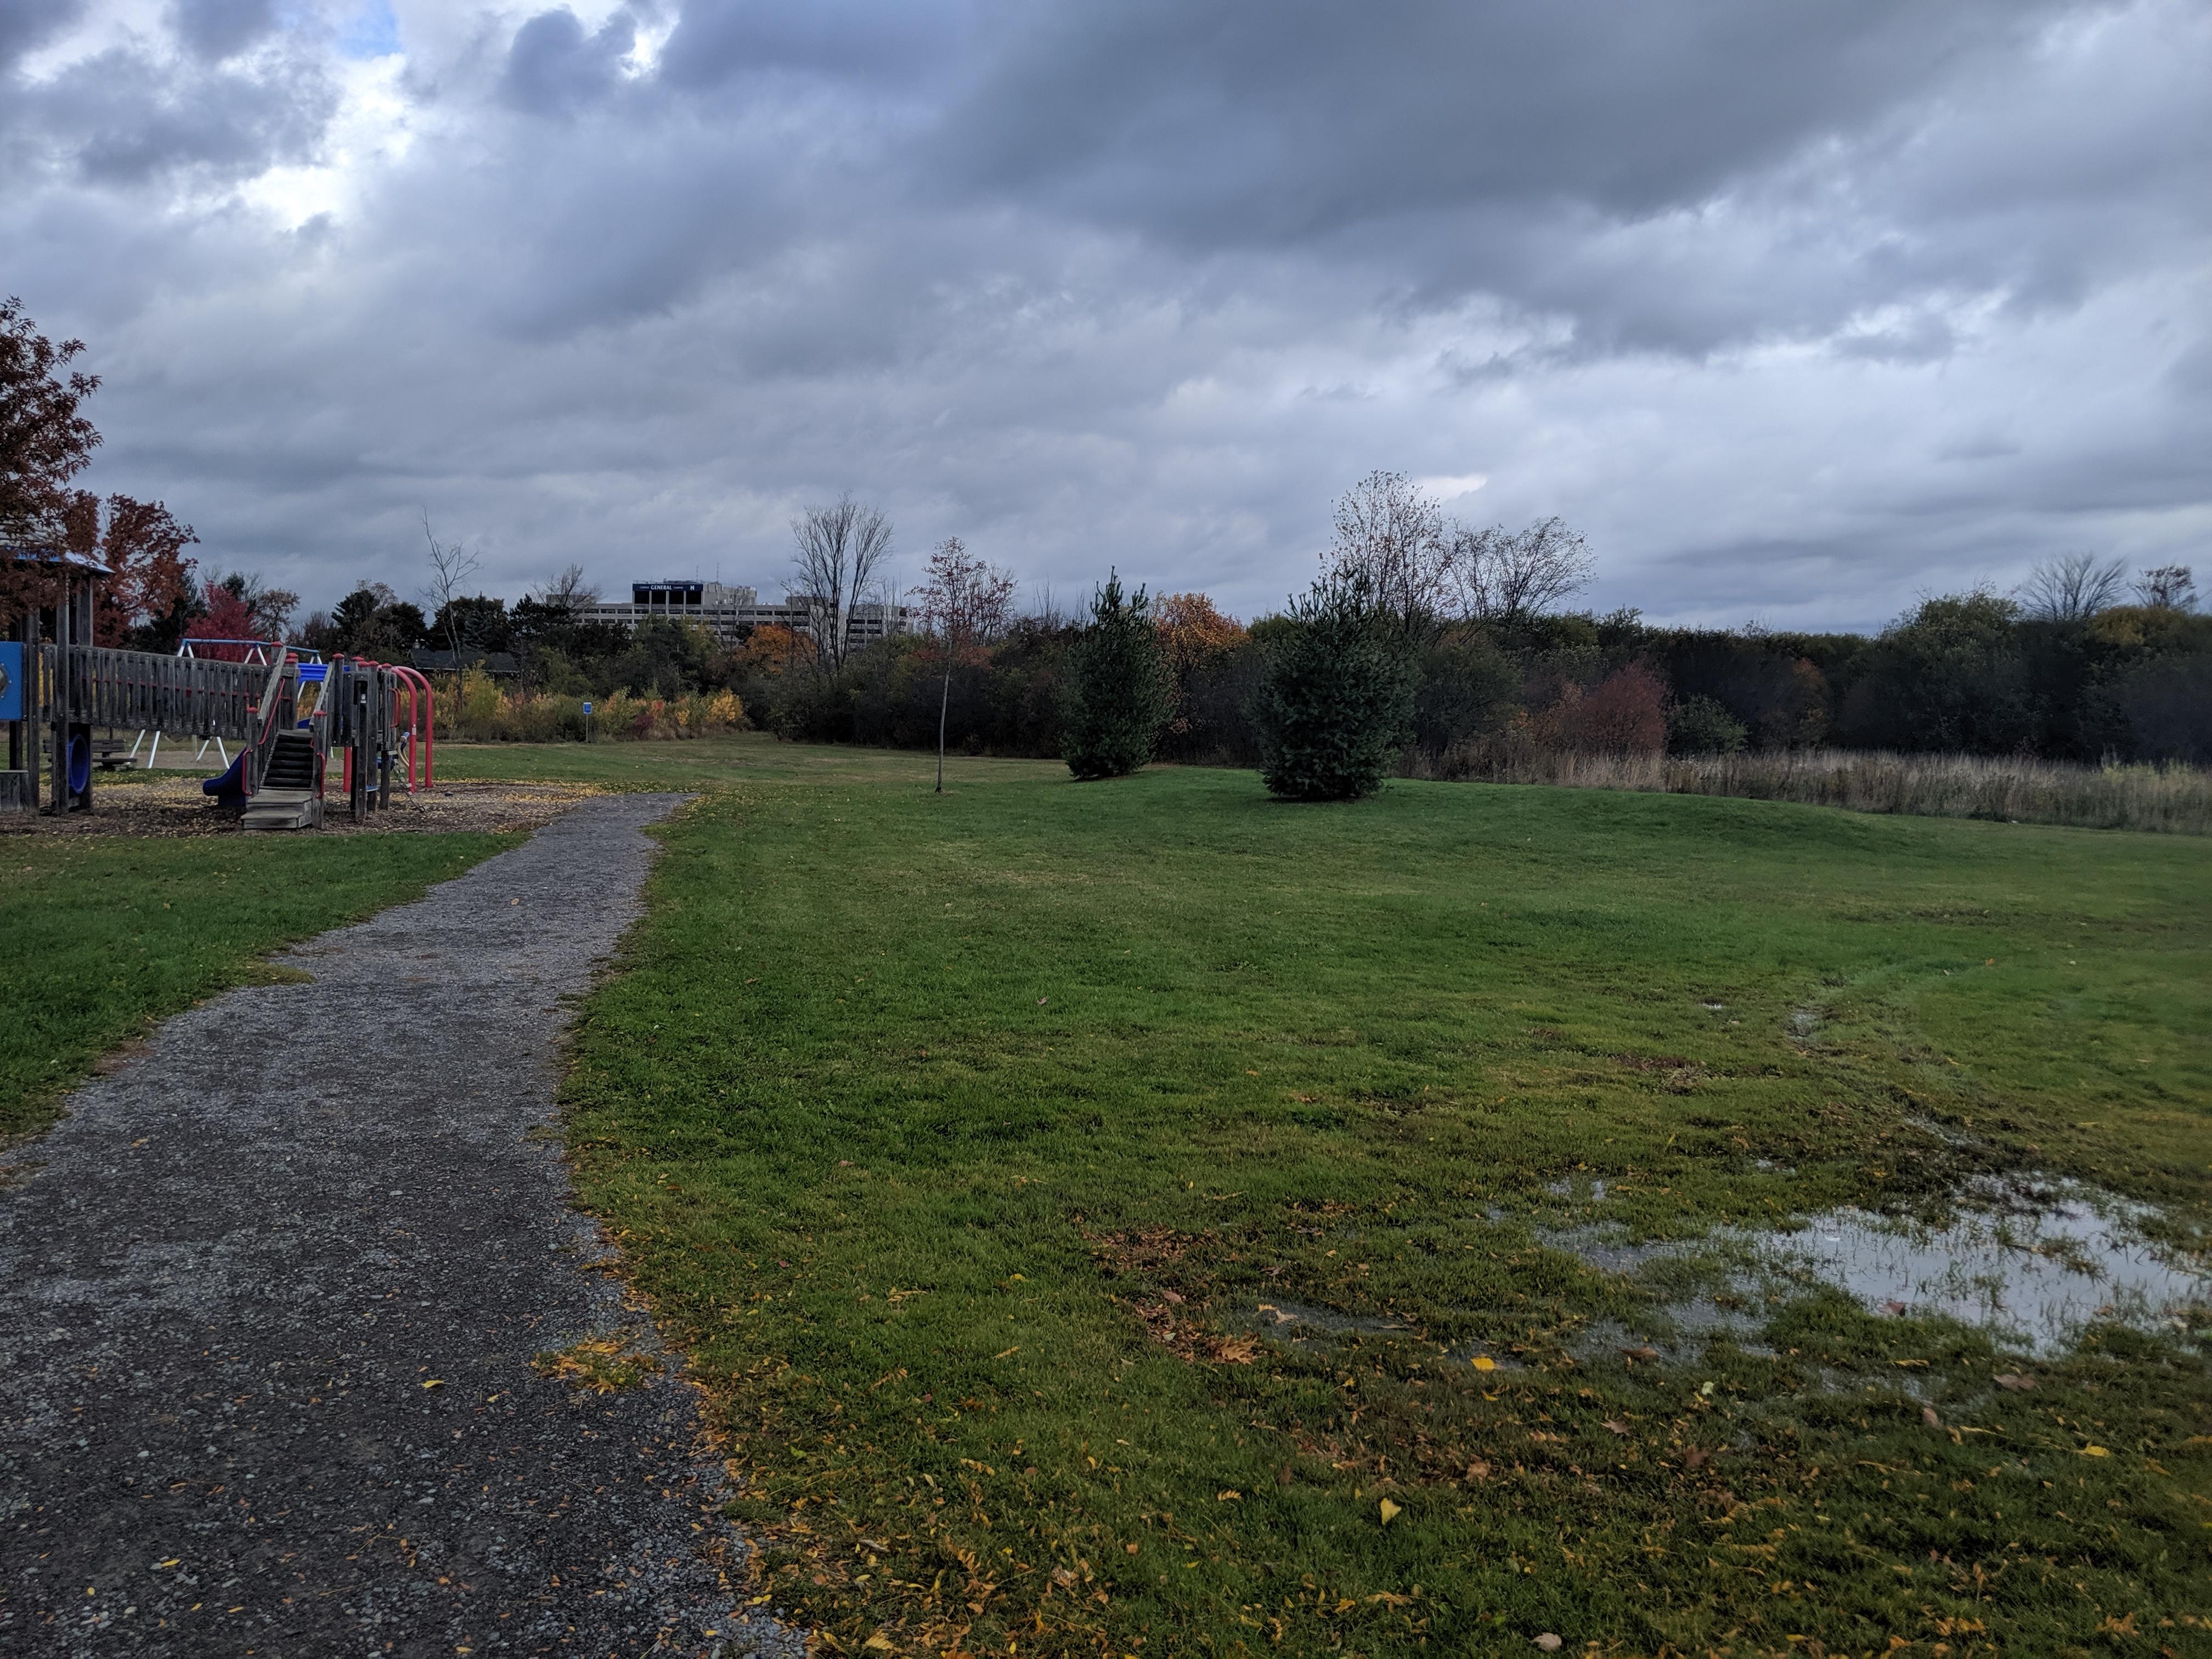 Billings Park pathway